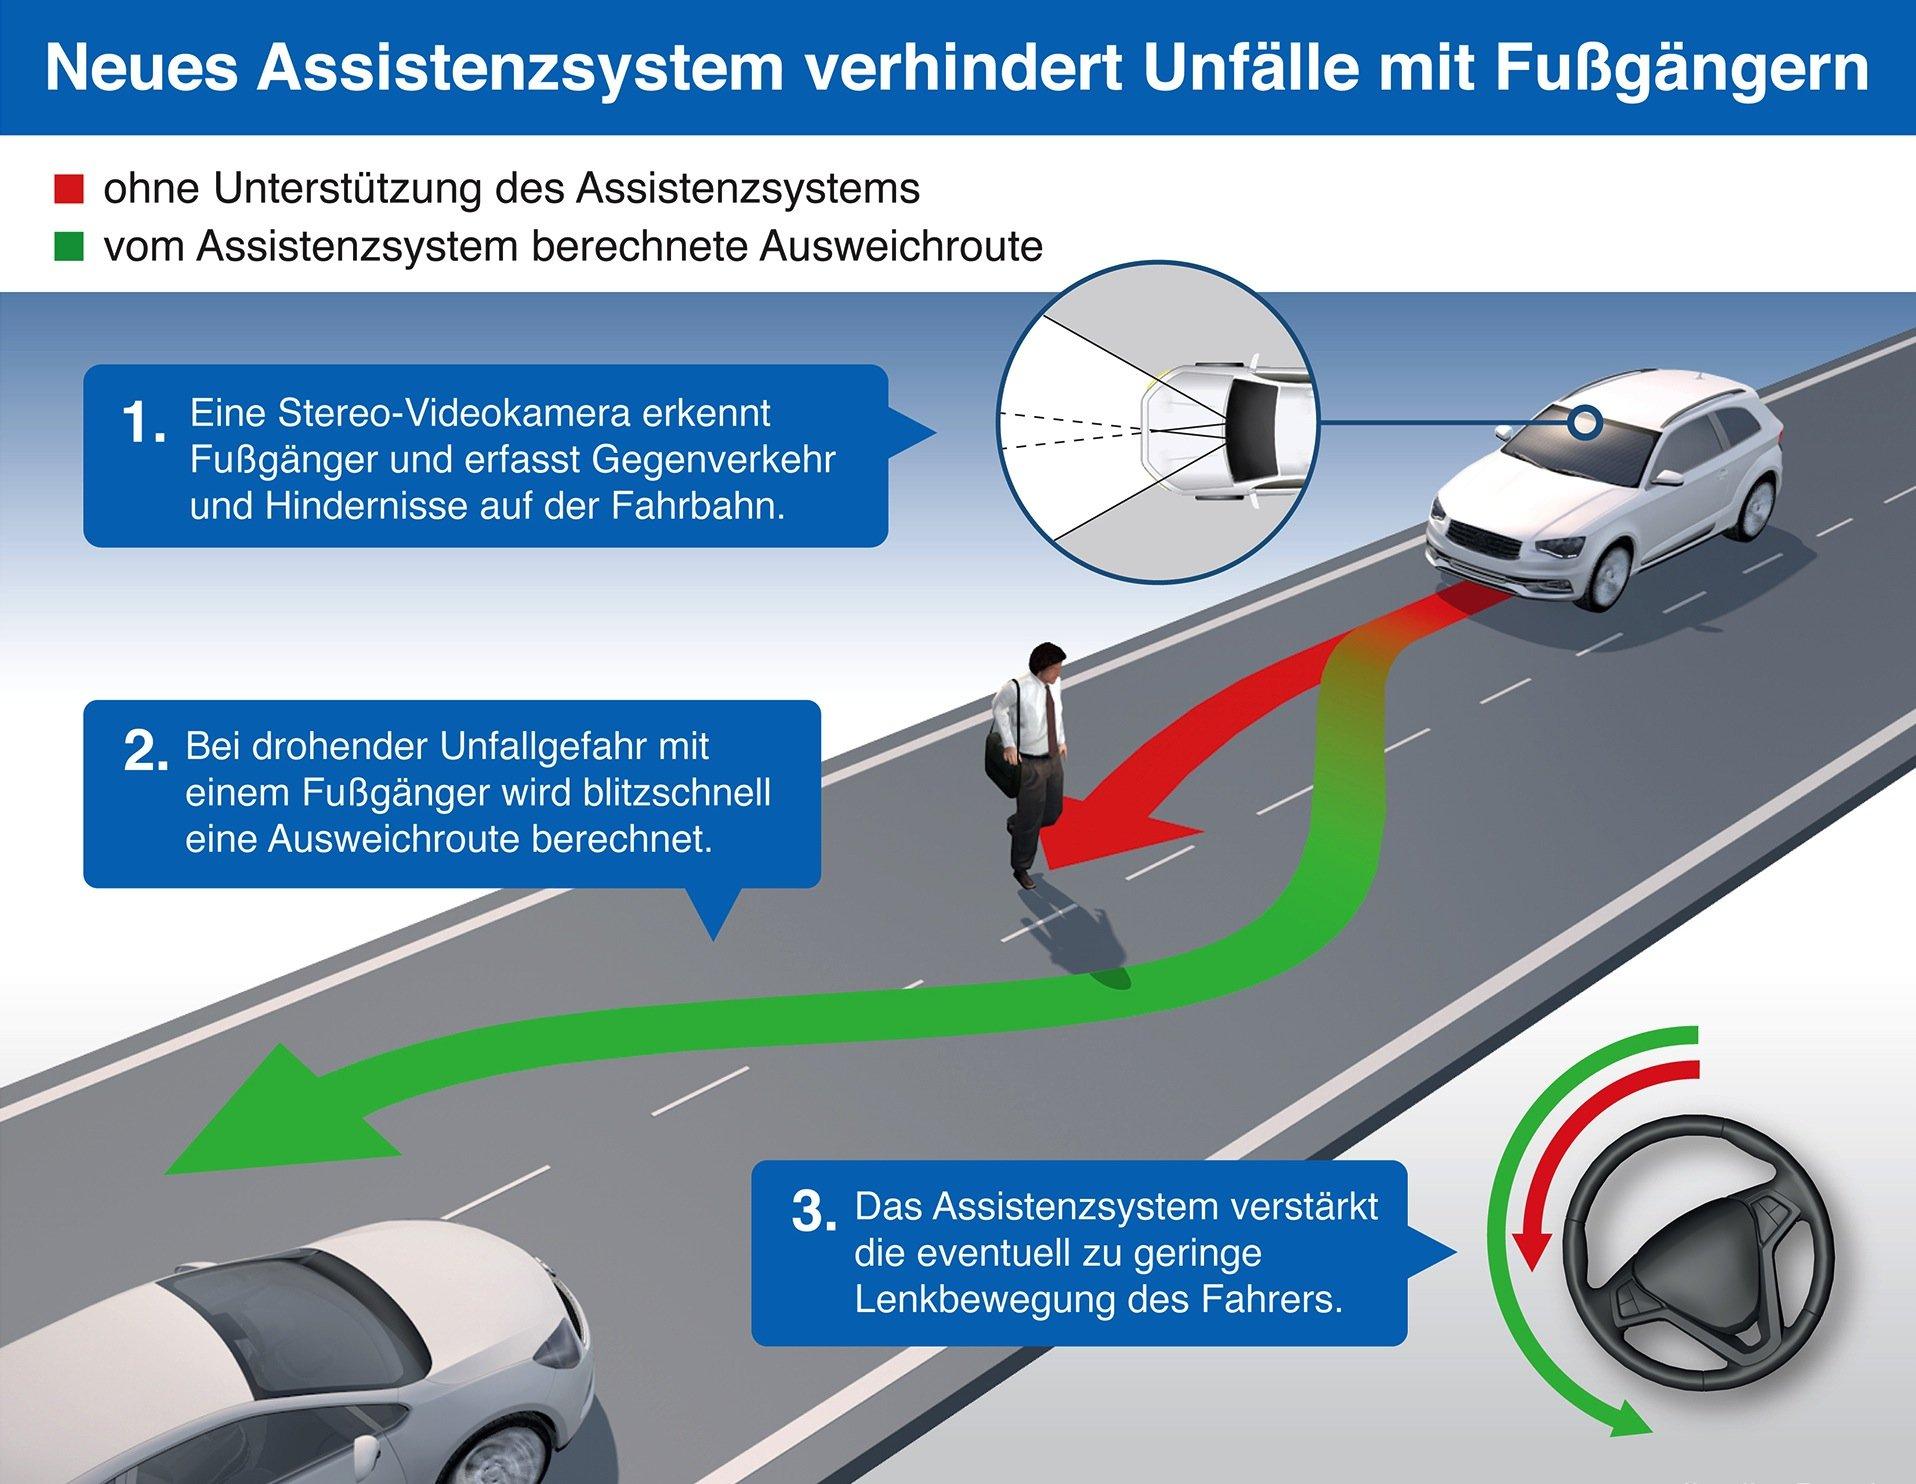 Neues Assistenzsystem von Bosch: Sensoren erkennen plötzlich auftauchende Hindernisse wie Fußgänger. Anschließend verstärkt das System – wenn nötig – die Lenkbewegung des Fahrers beim Ausweichen, um einen Unfall noch zu verhindern.